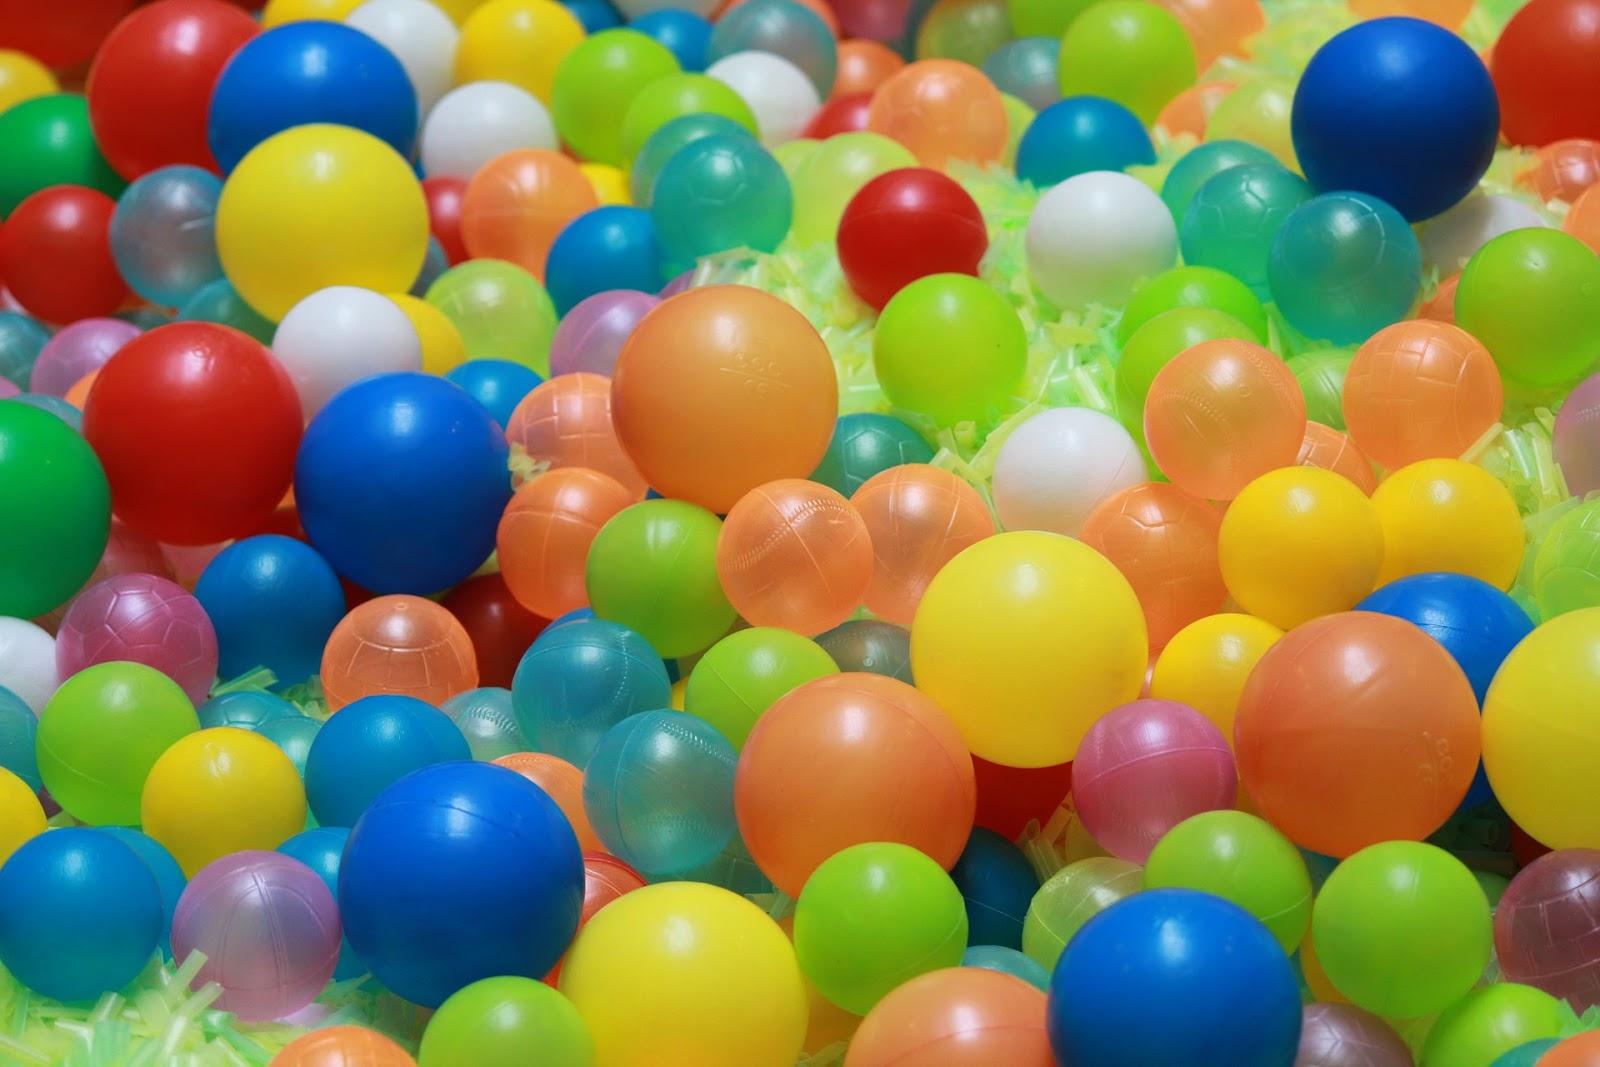 ball-107909_1920